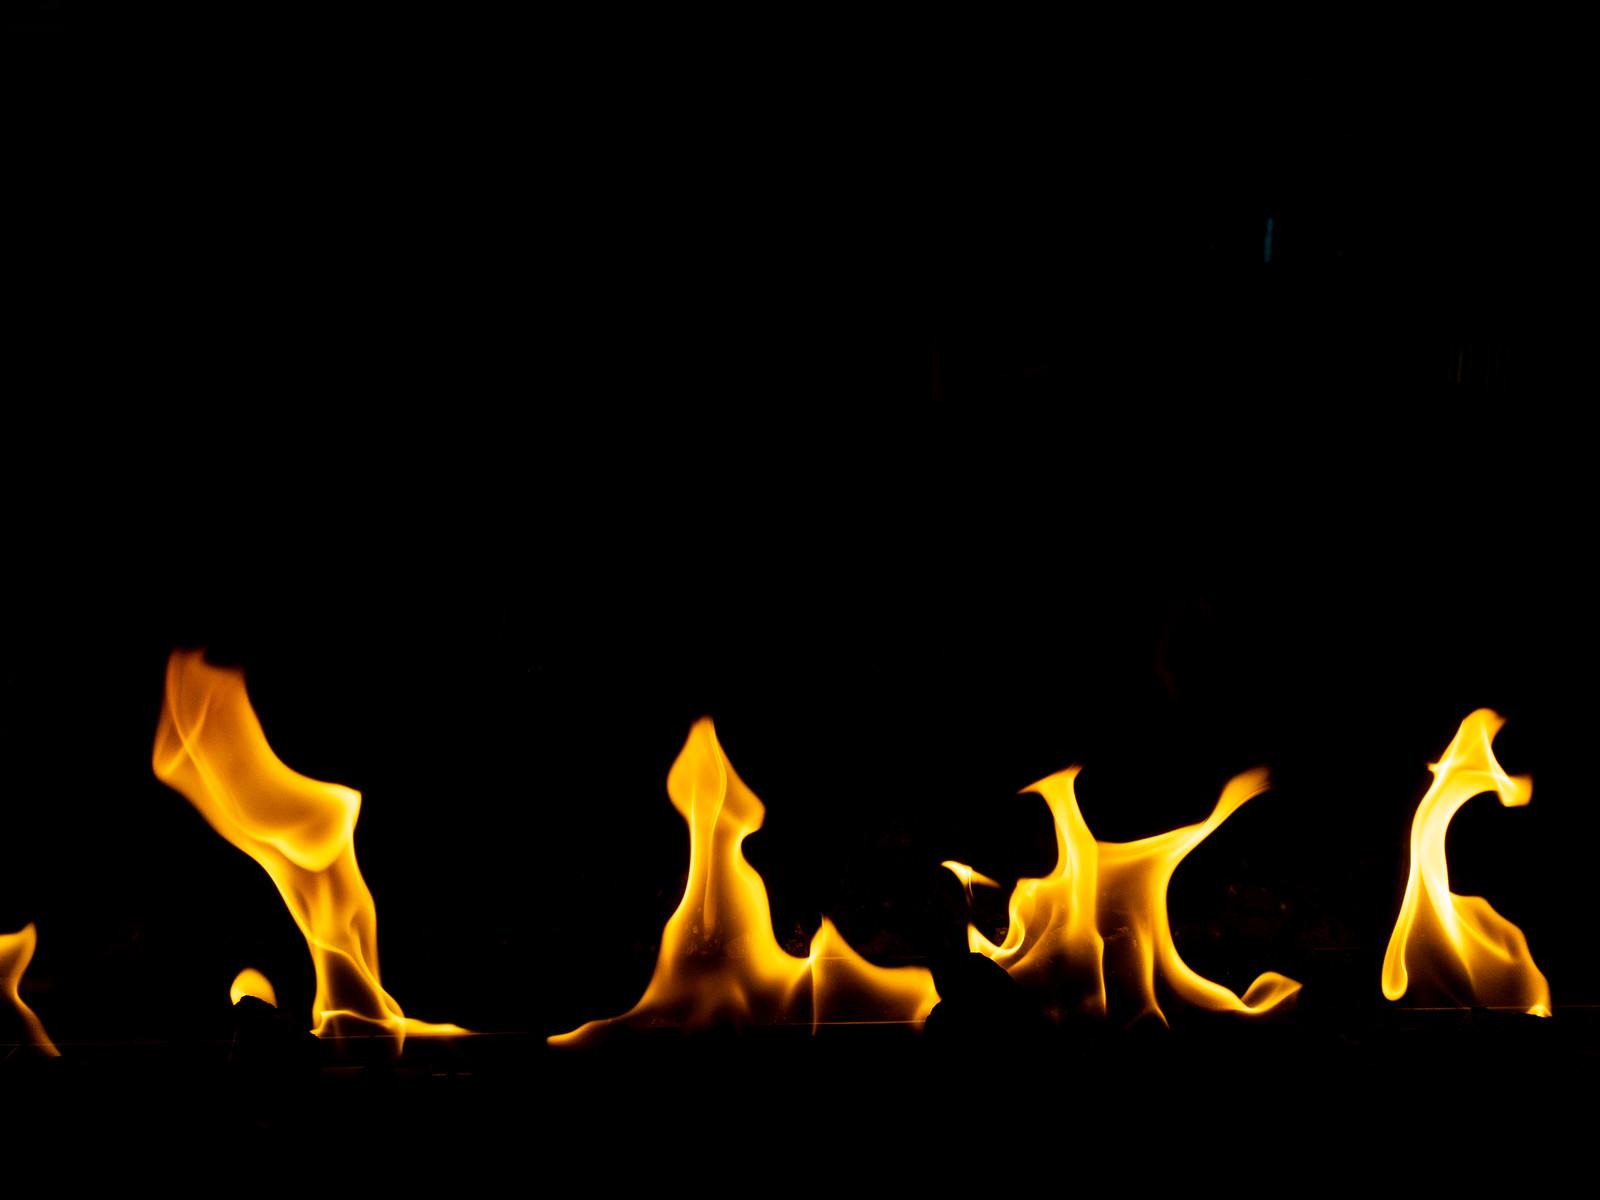 「メラメラと揺れる炎の様子」の写真